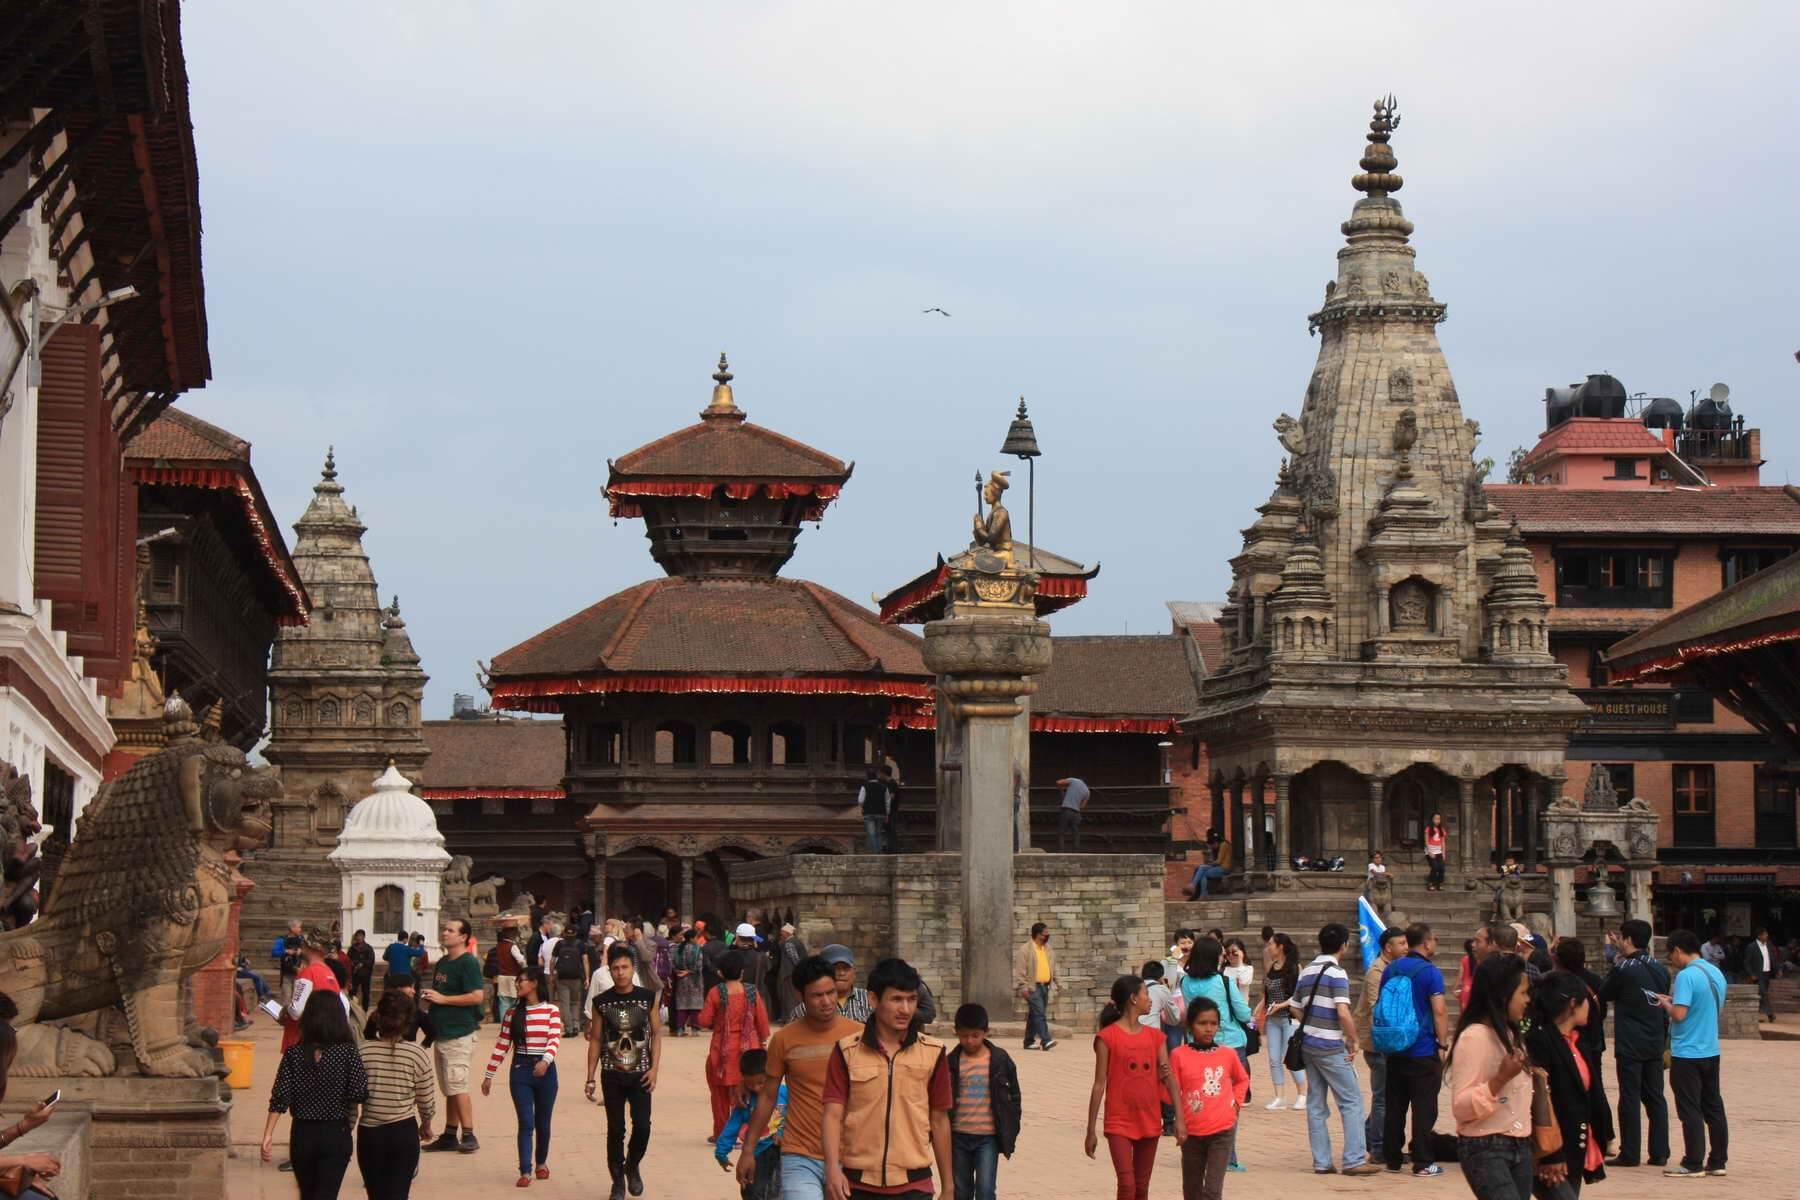 In Bhaktapur befinden sich 172 Tempelanlagen aus der Zeit vom 14. bis zum 18. Jahrhundert, seit 1979 ist die Stadt Teil des UNESCO-Weltkulturerbes.